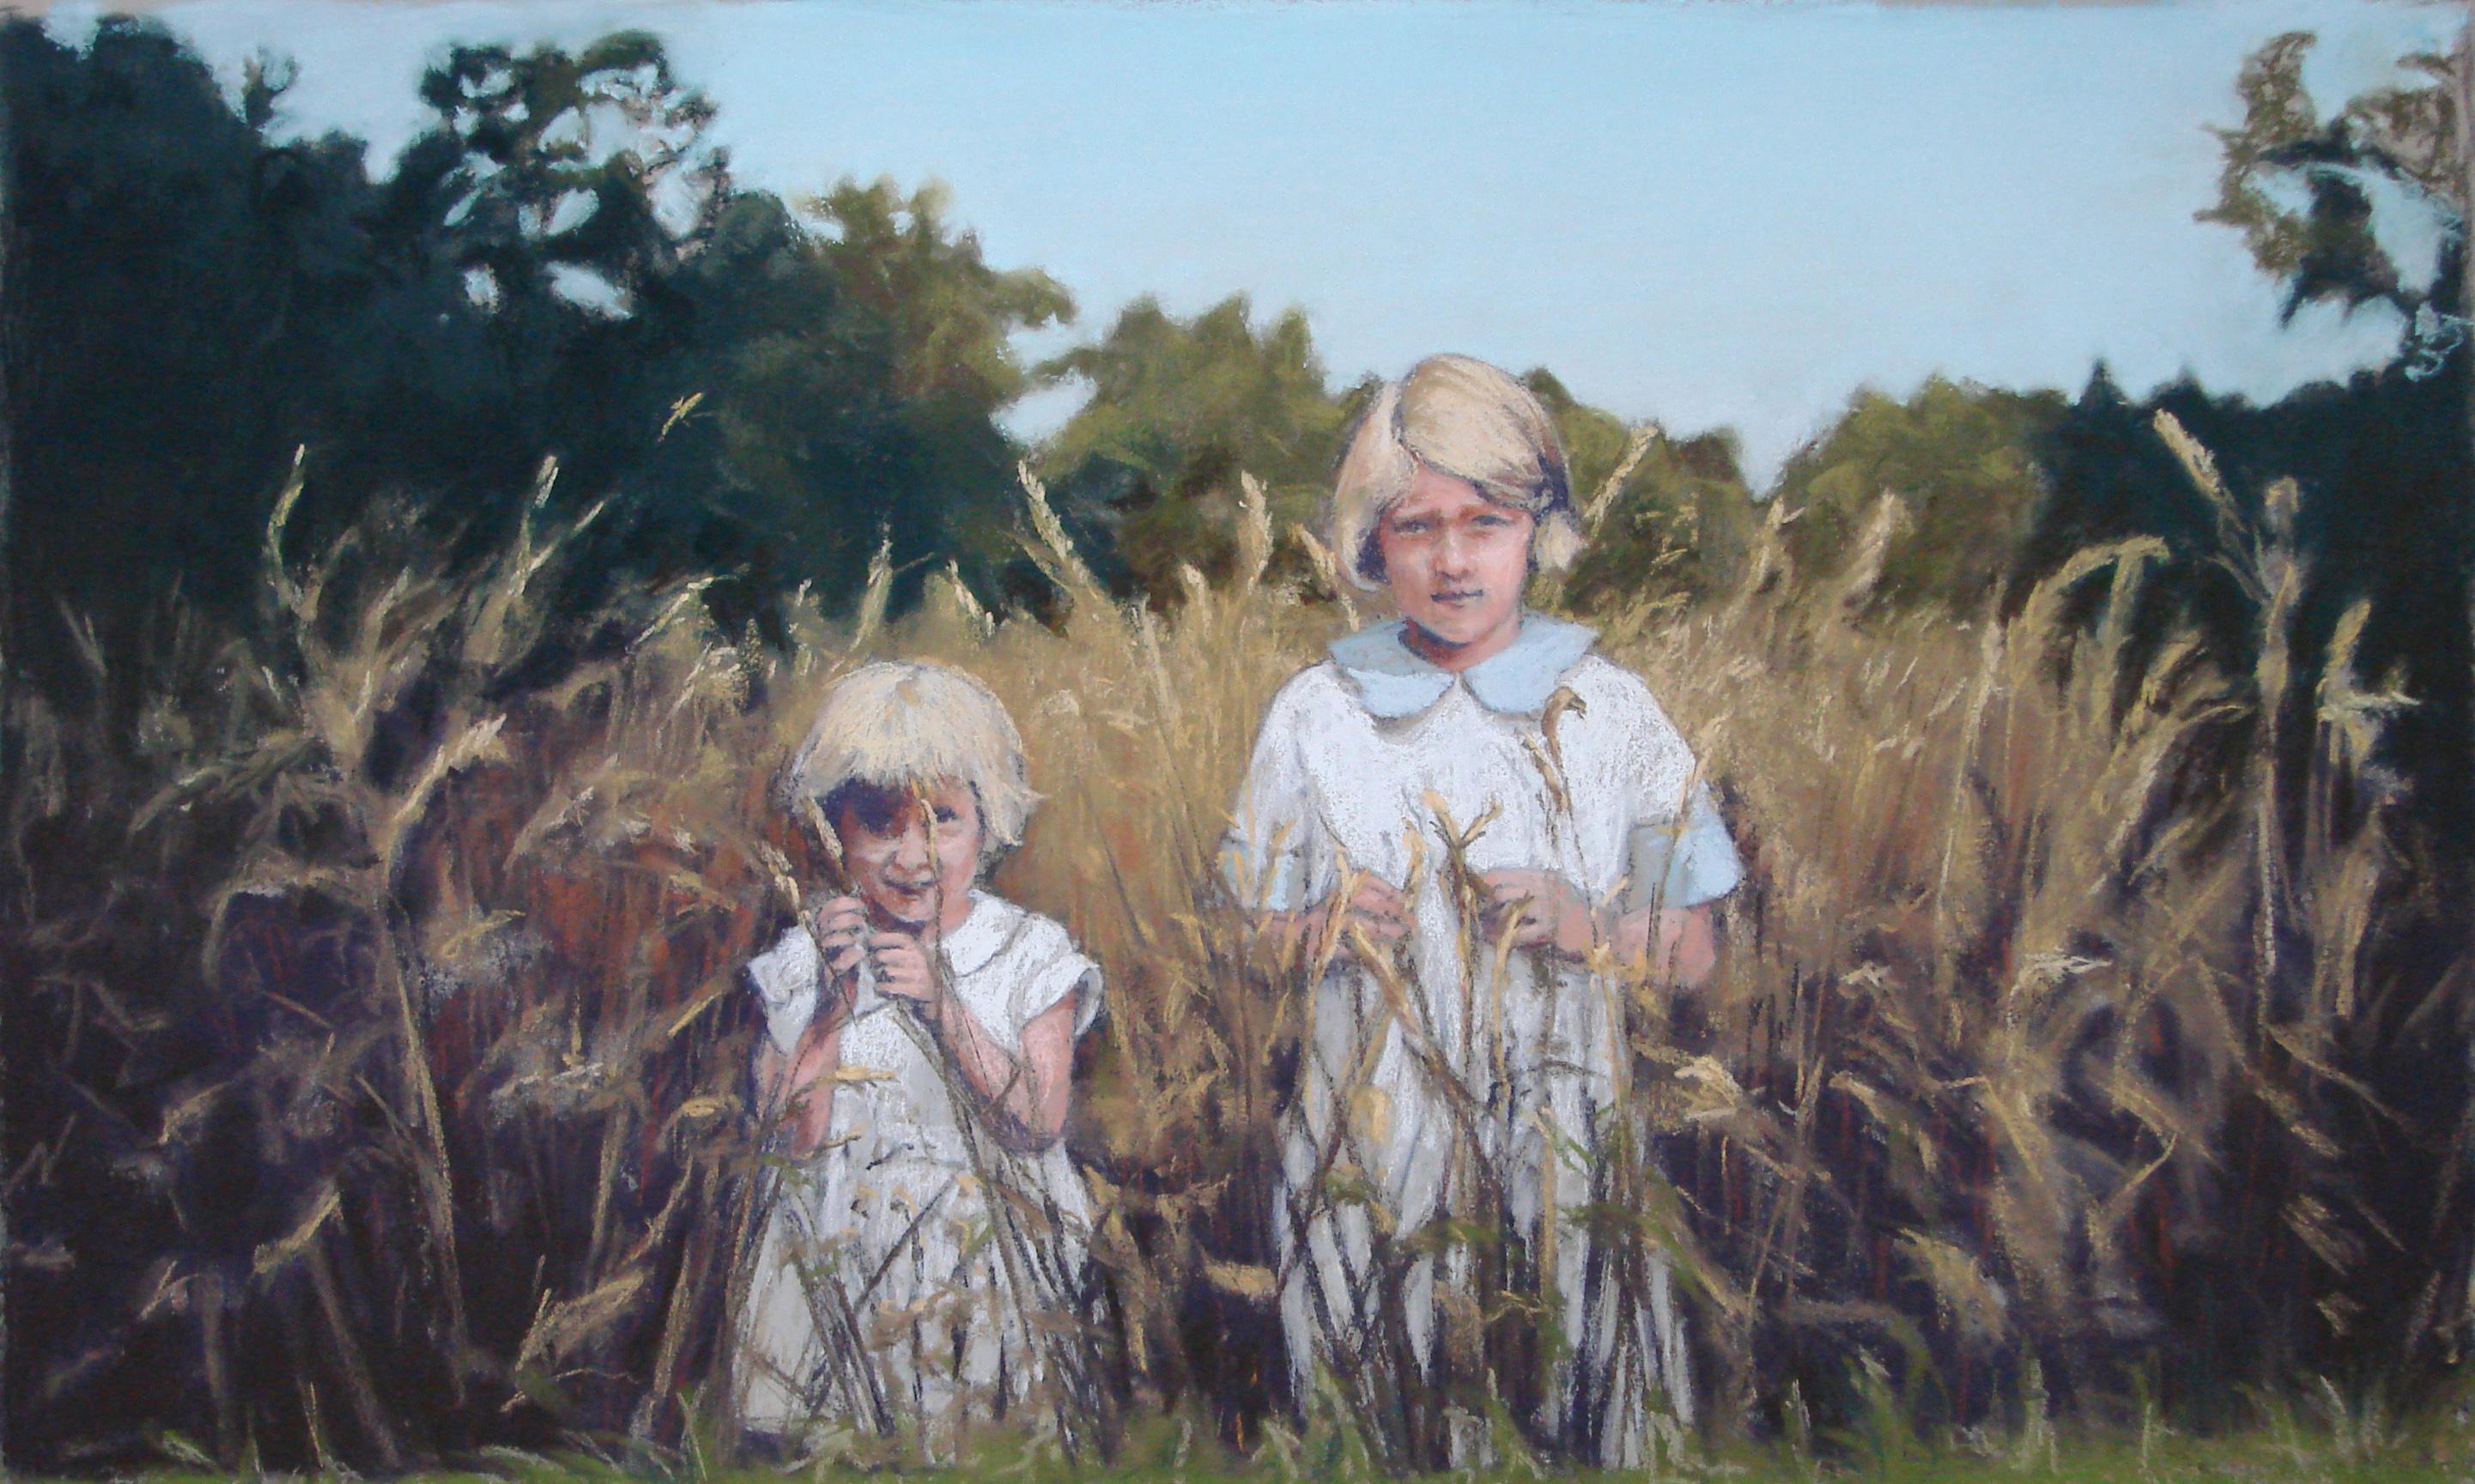 Leslie Sater, Harvest Legacy